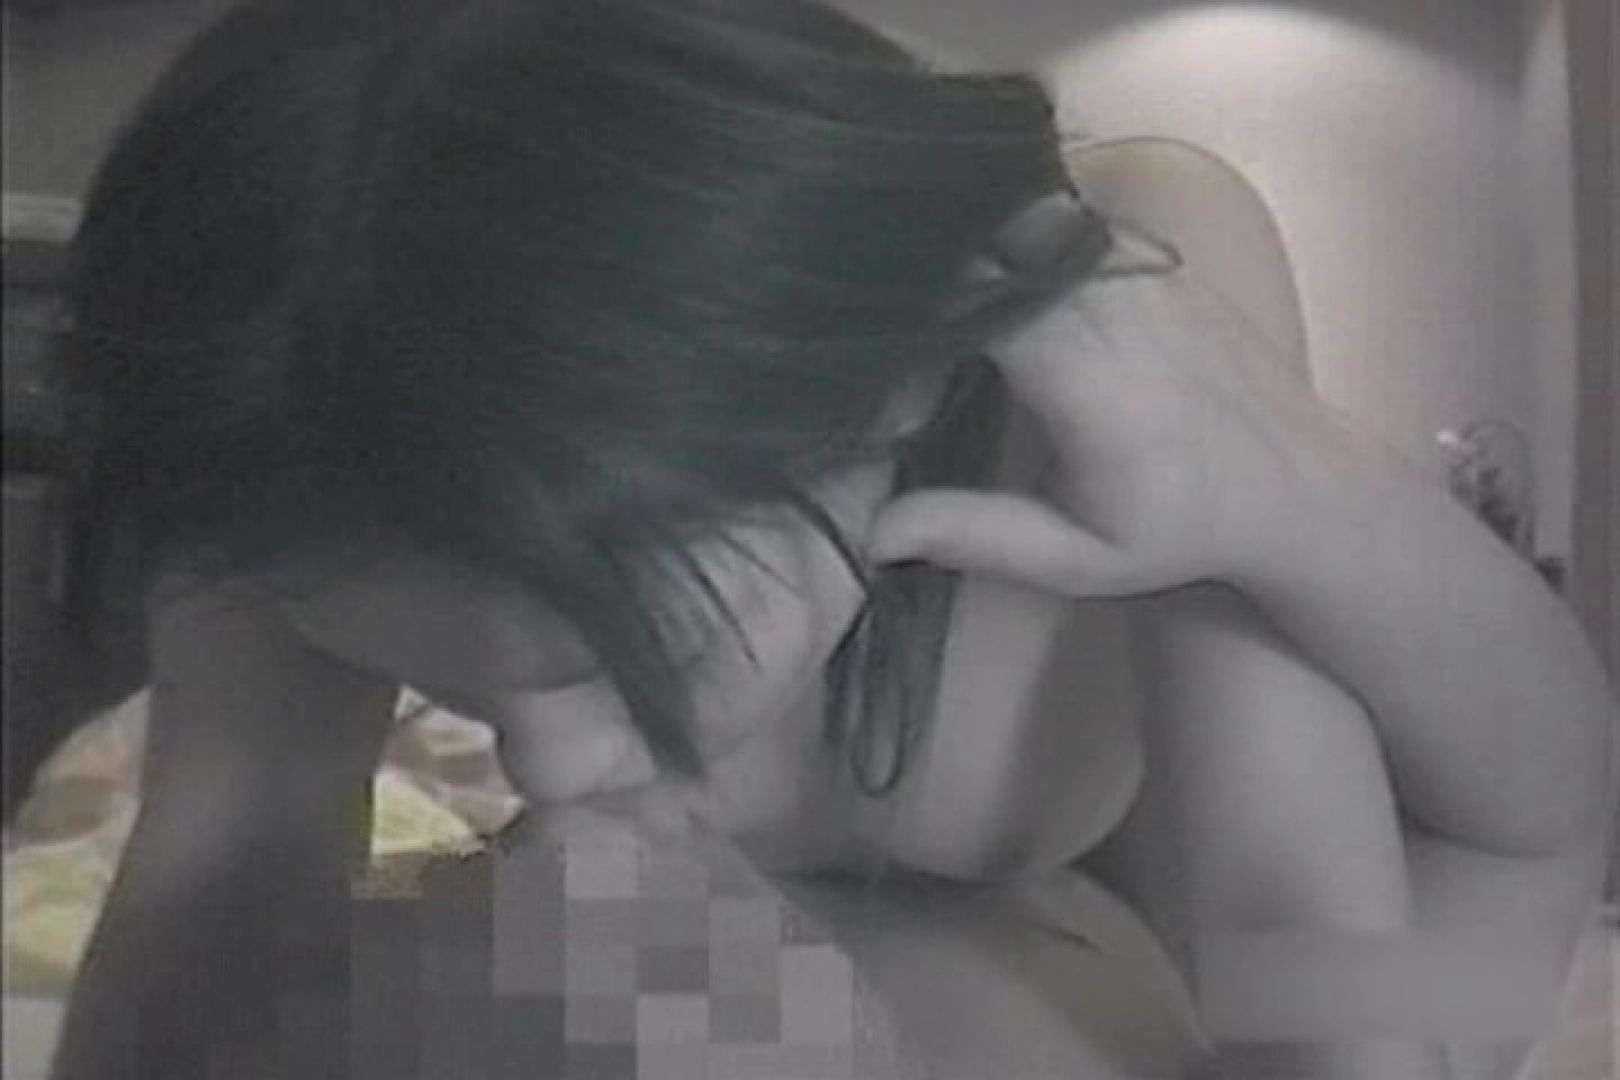 素人嬢をホテルに連れ込みアンナ事・コンナ事!?Vol.8 ギャル  78枚 41